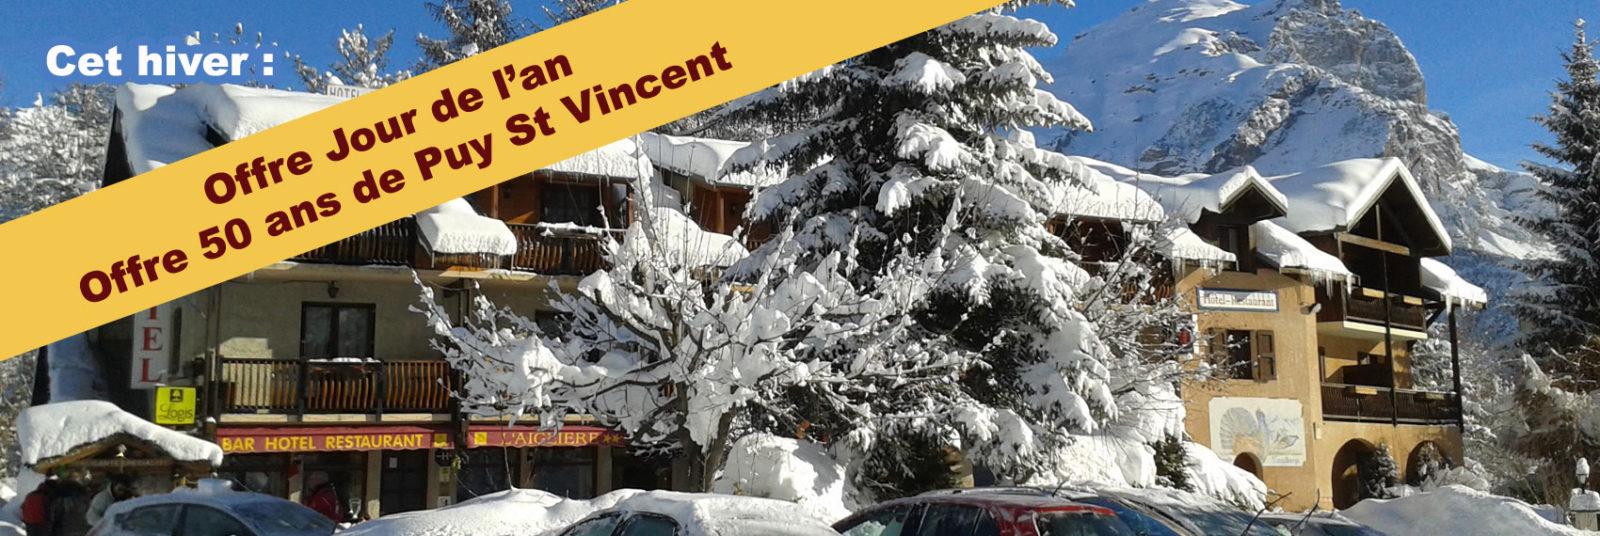 Offre jour de l'an hotel Puy St Vincent